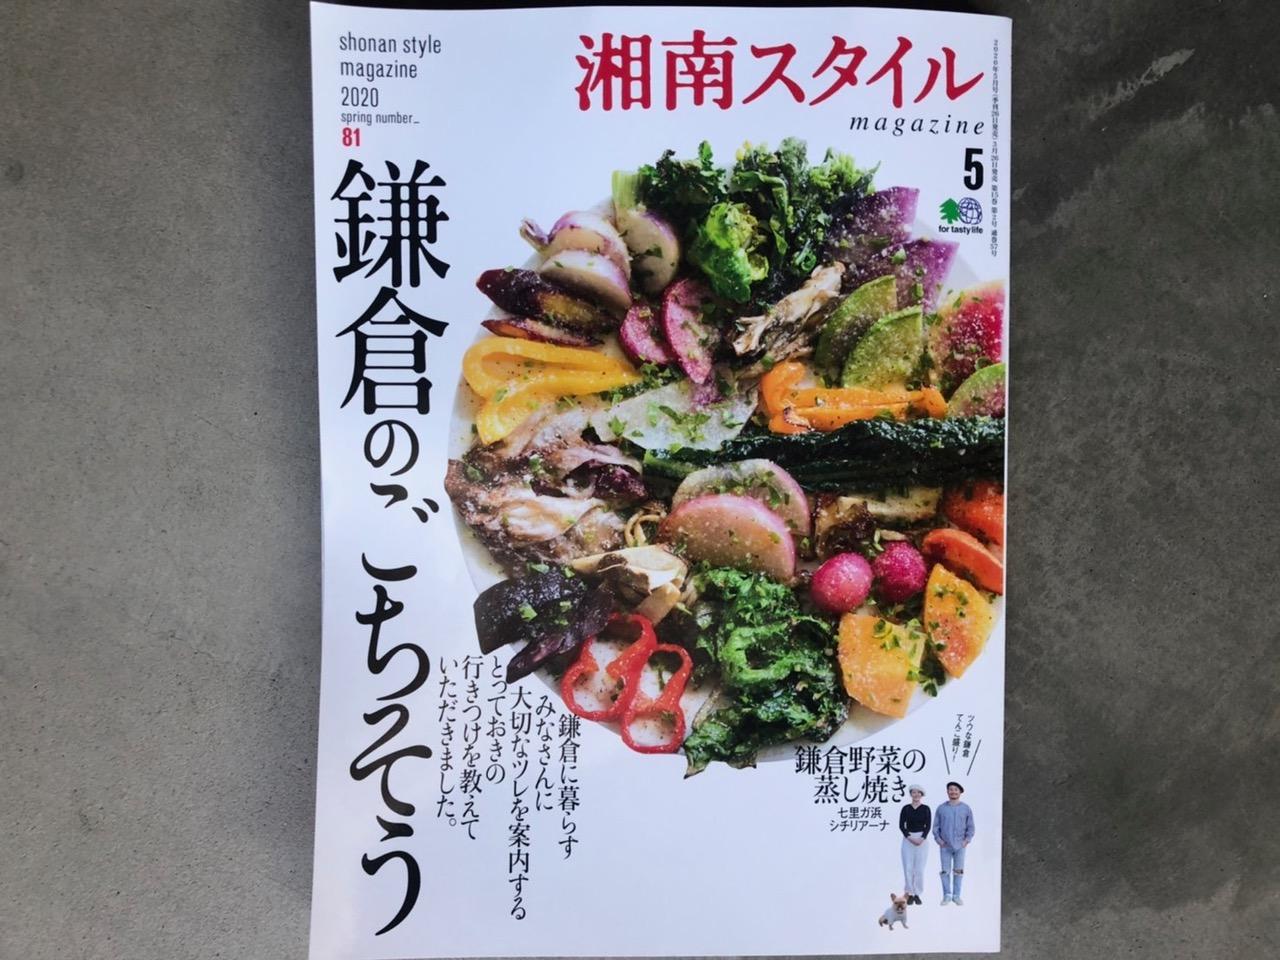 枻出版社のライフスタイルマガジン 湘南スタイル5月号に掲載されました。のアイキャッチ画像